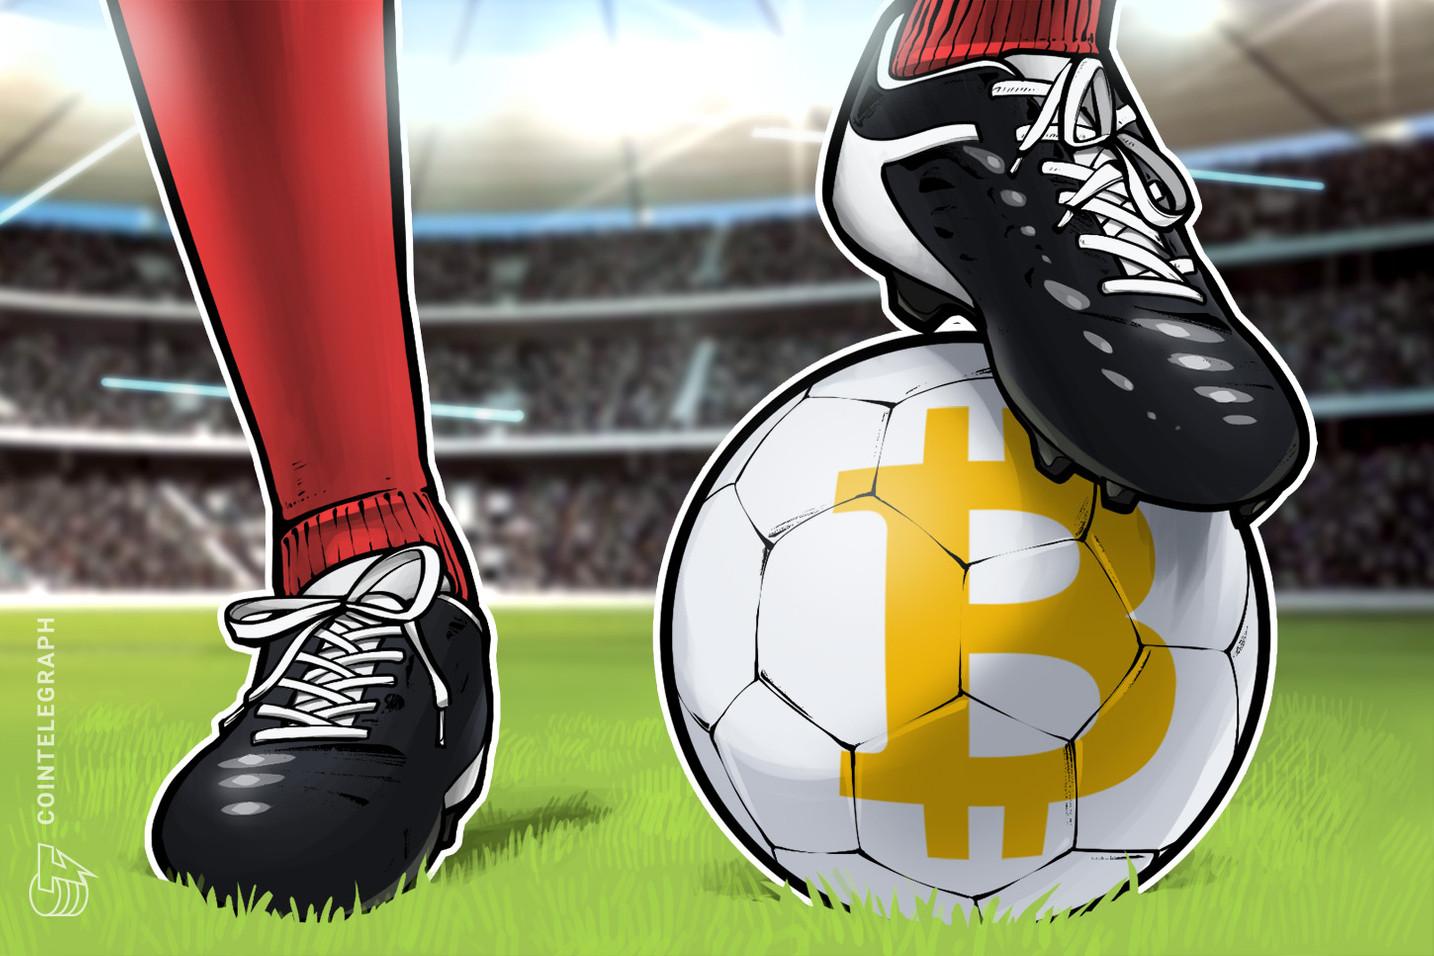 La squadra di calcio olandese AZ Alkmaar deterrà Bitcoin e pagherà i propri giocatori in BTC